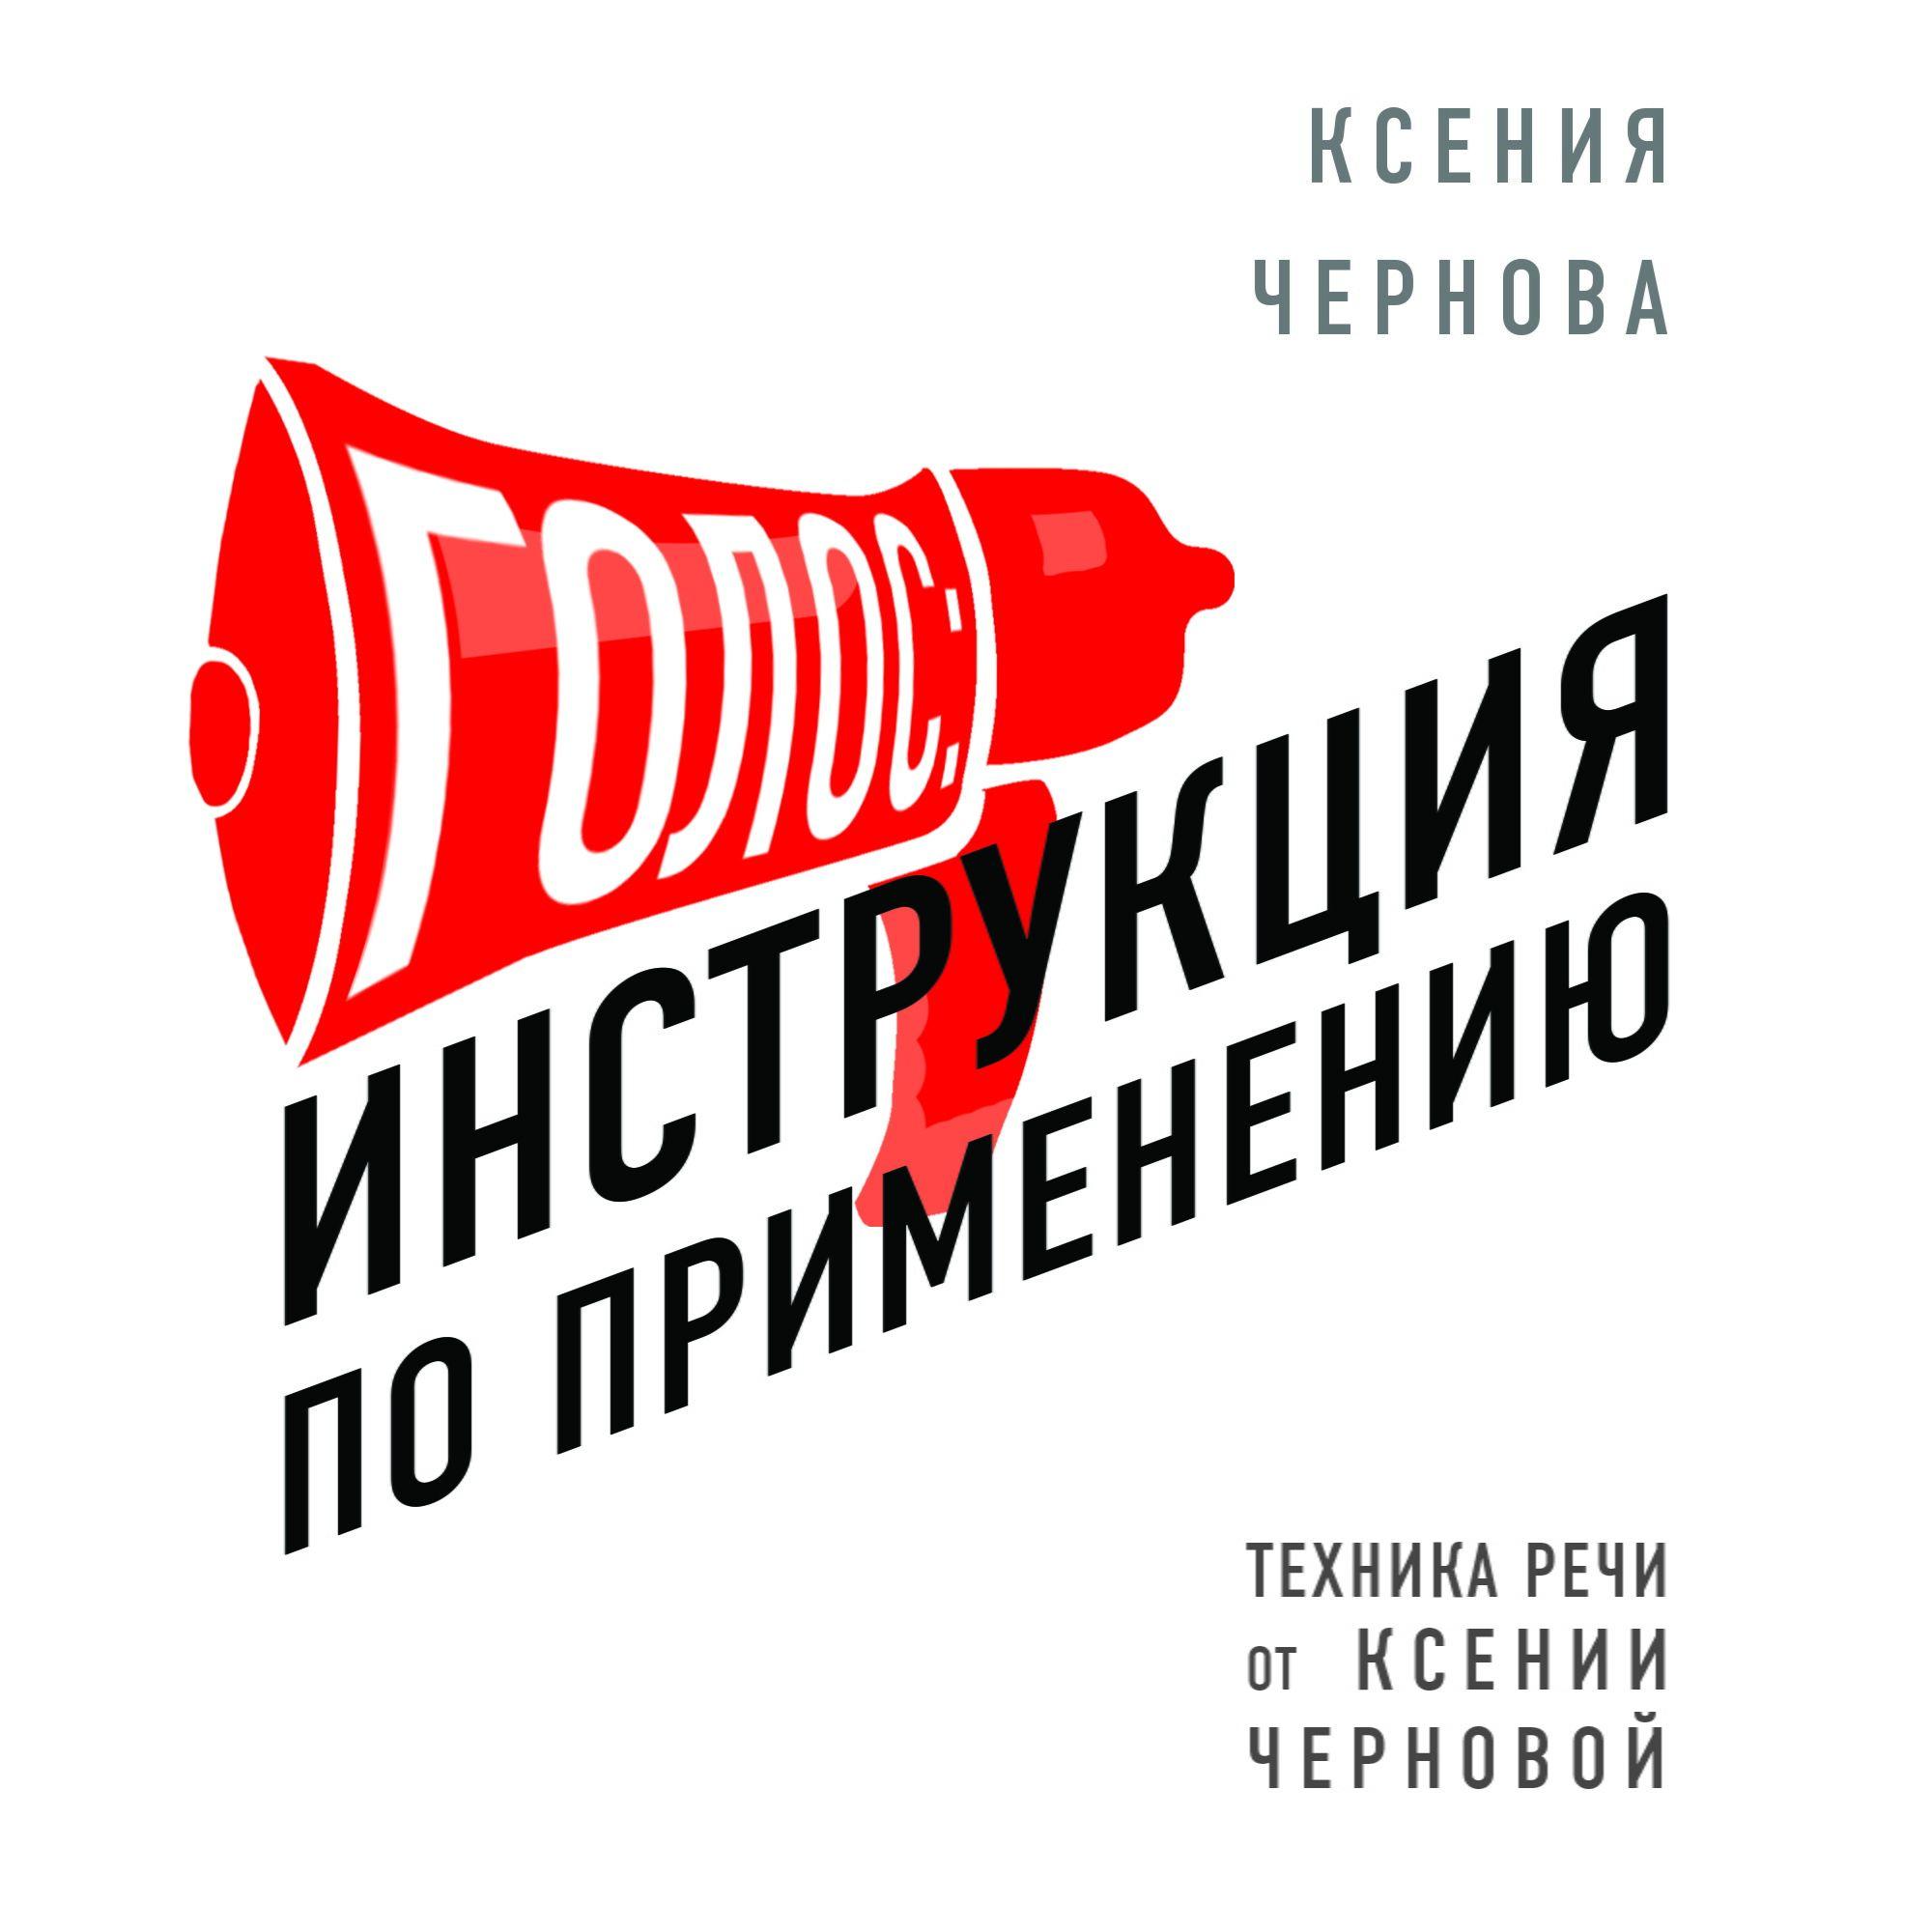 Ксения Чернова Голос: Инструкция по применению открой свой природный голос упражнения по речи